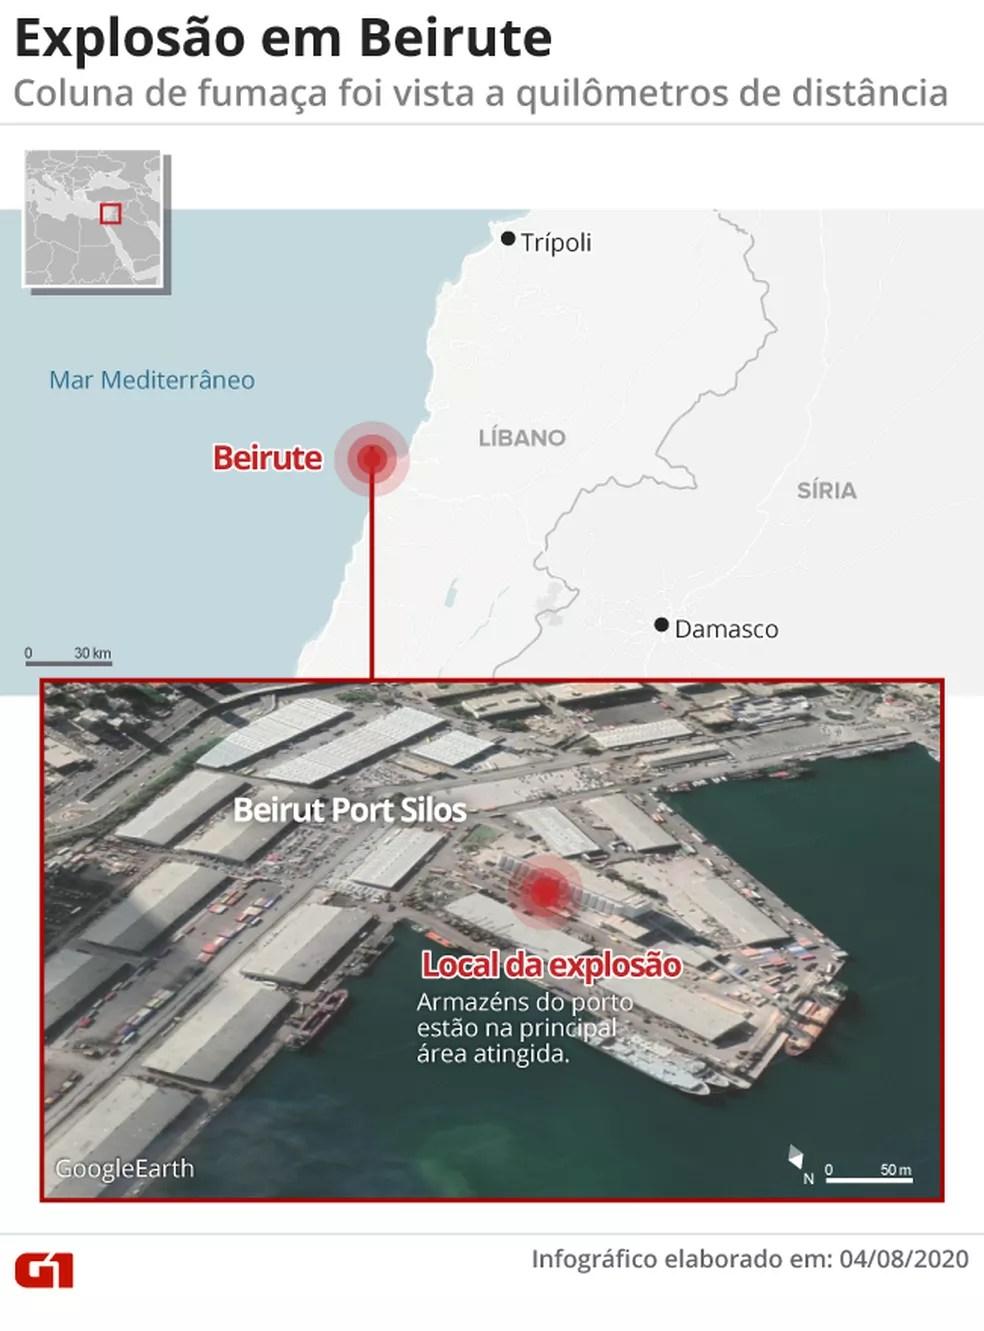 Mapa identifica a região portuária de Beirute, onde aconteceu uma grande explosão nesta terça-feira (4) — Foto: G1